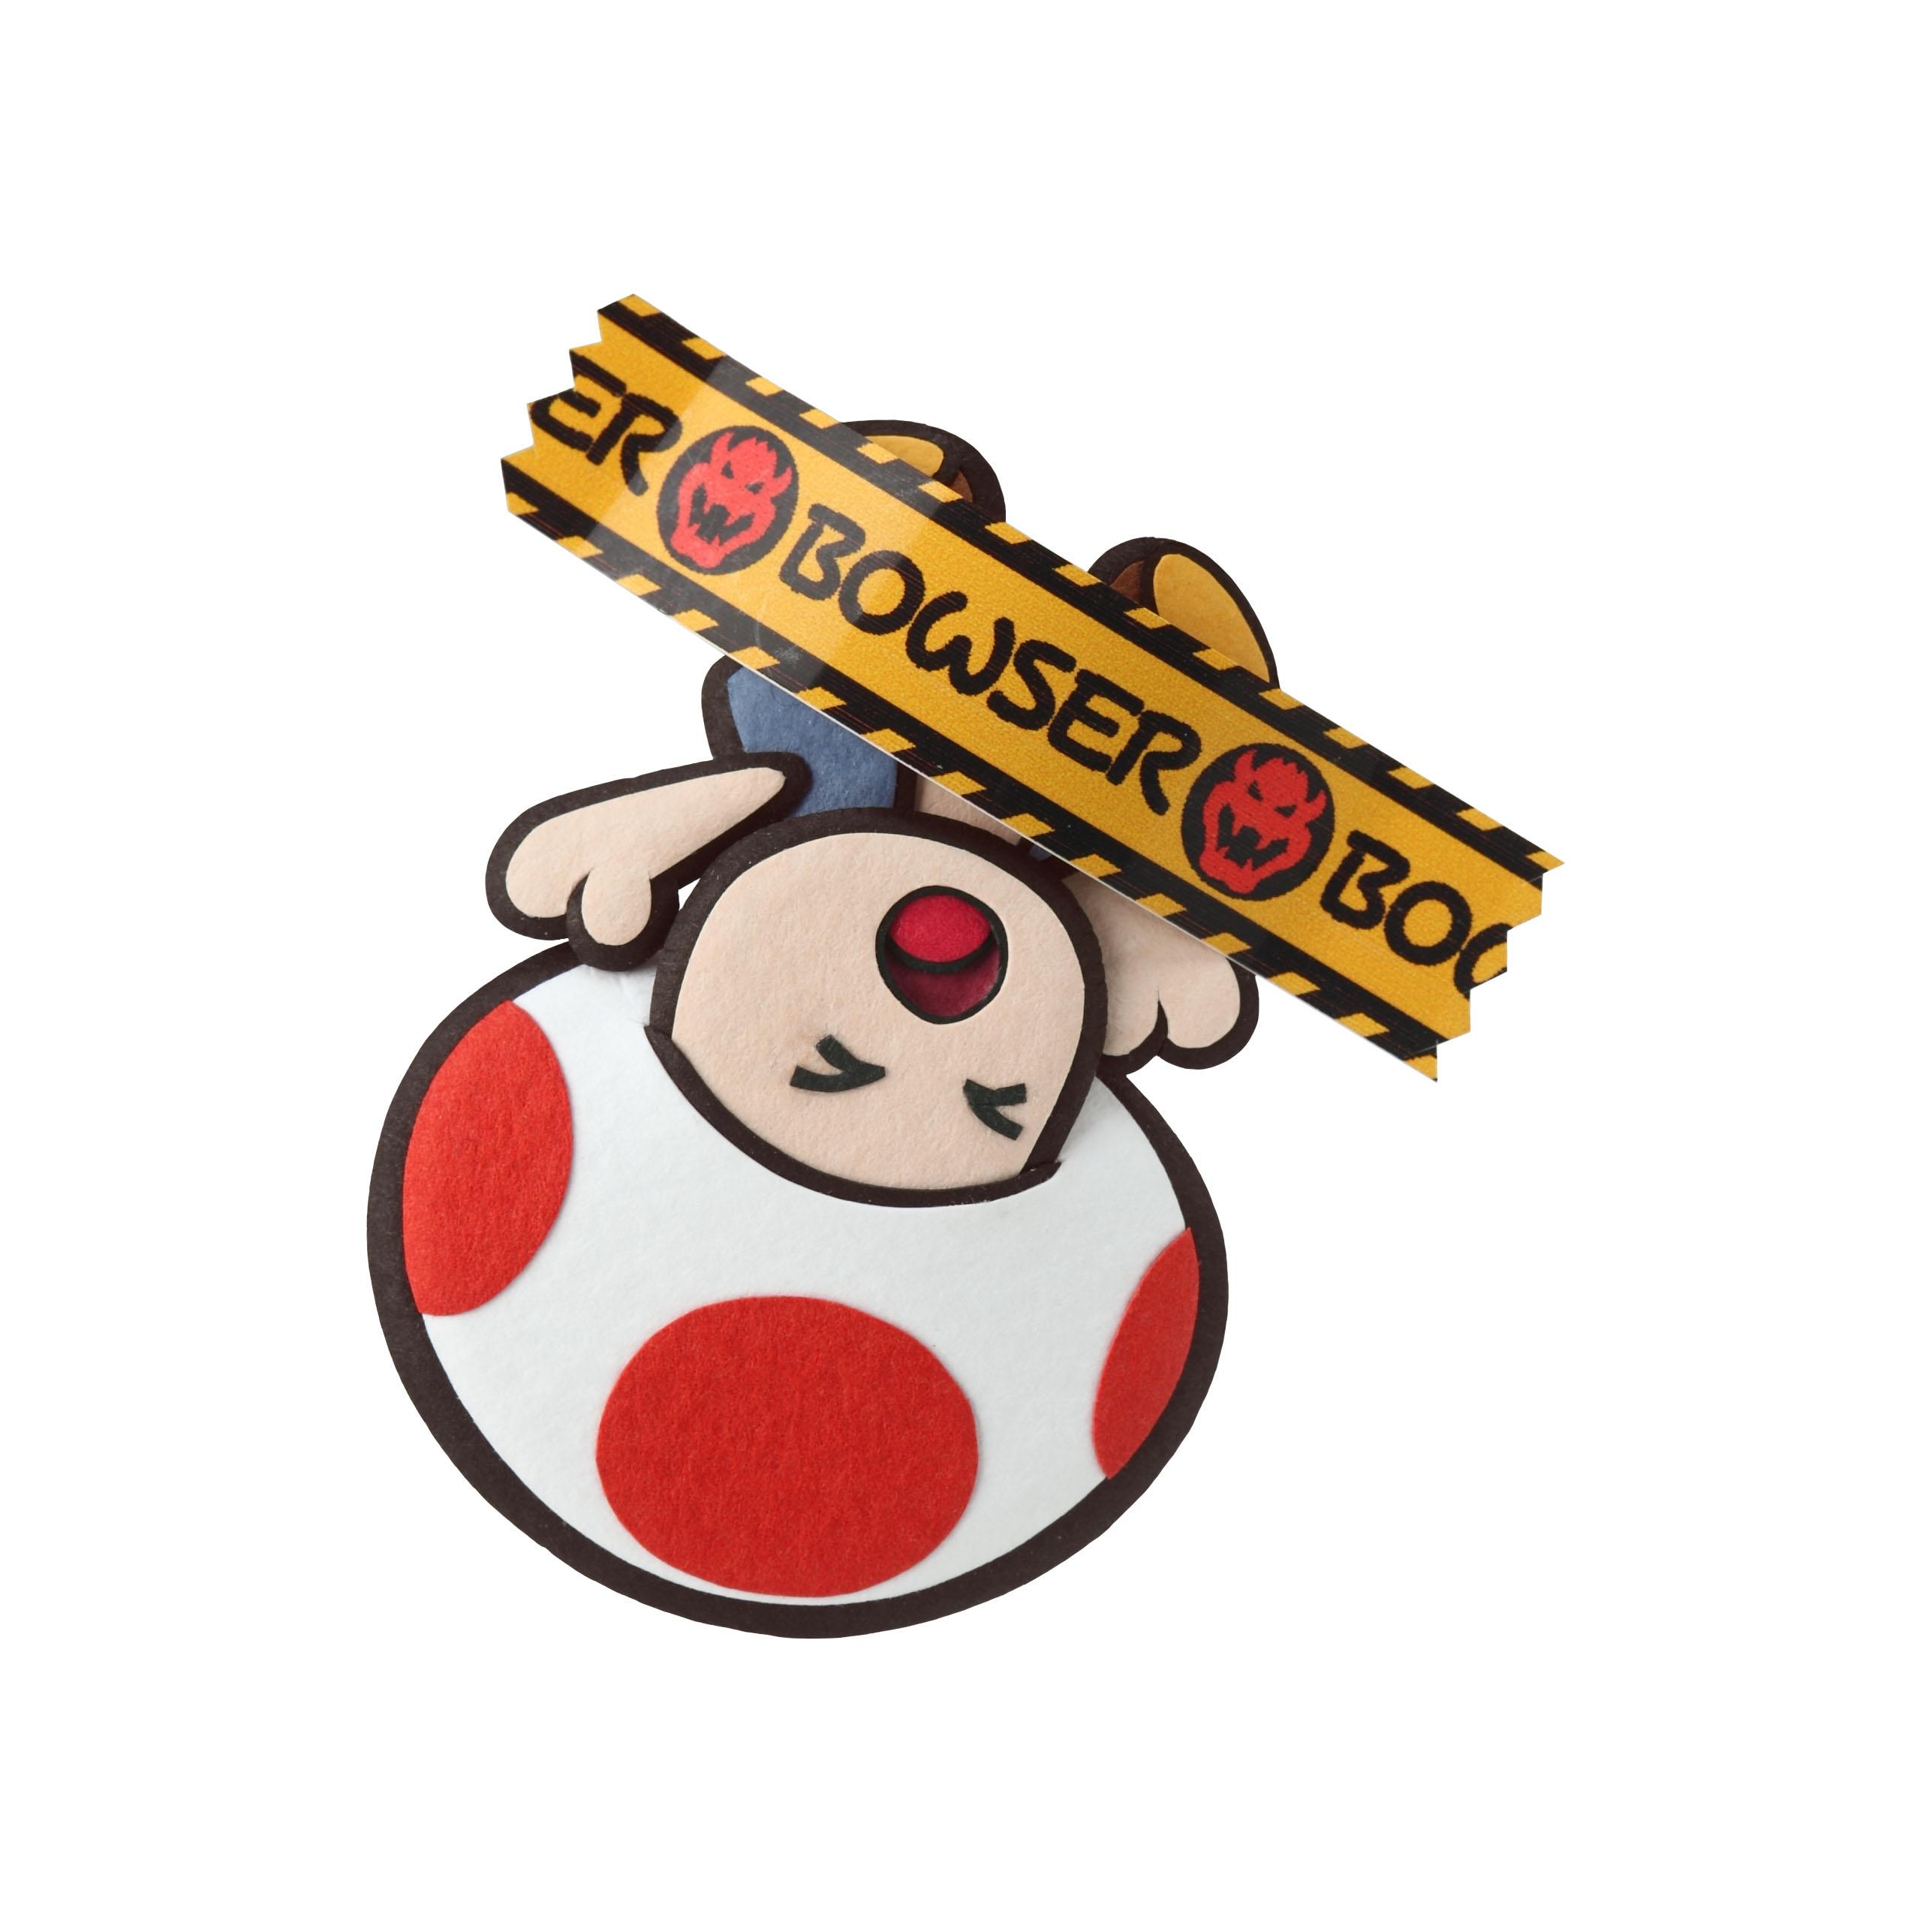 Paper Mario: Sticker Star | RPG Site